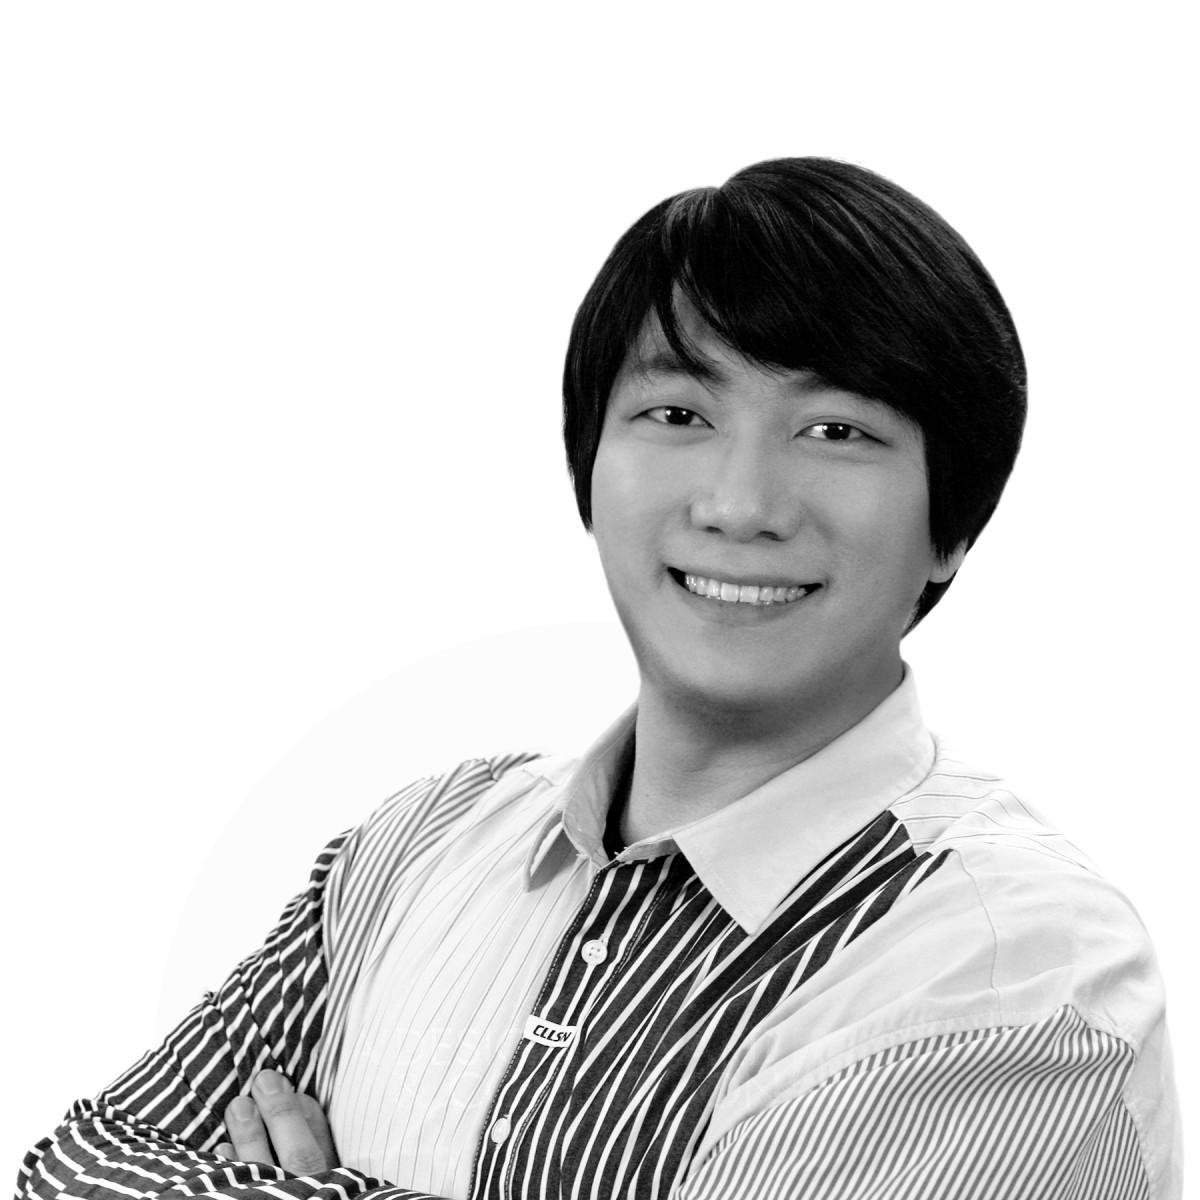 Bonggu (Jeremy) Kang